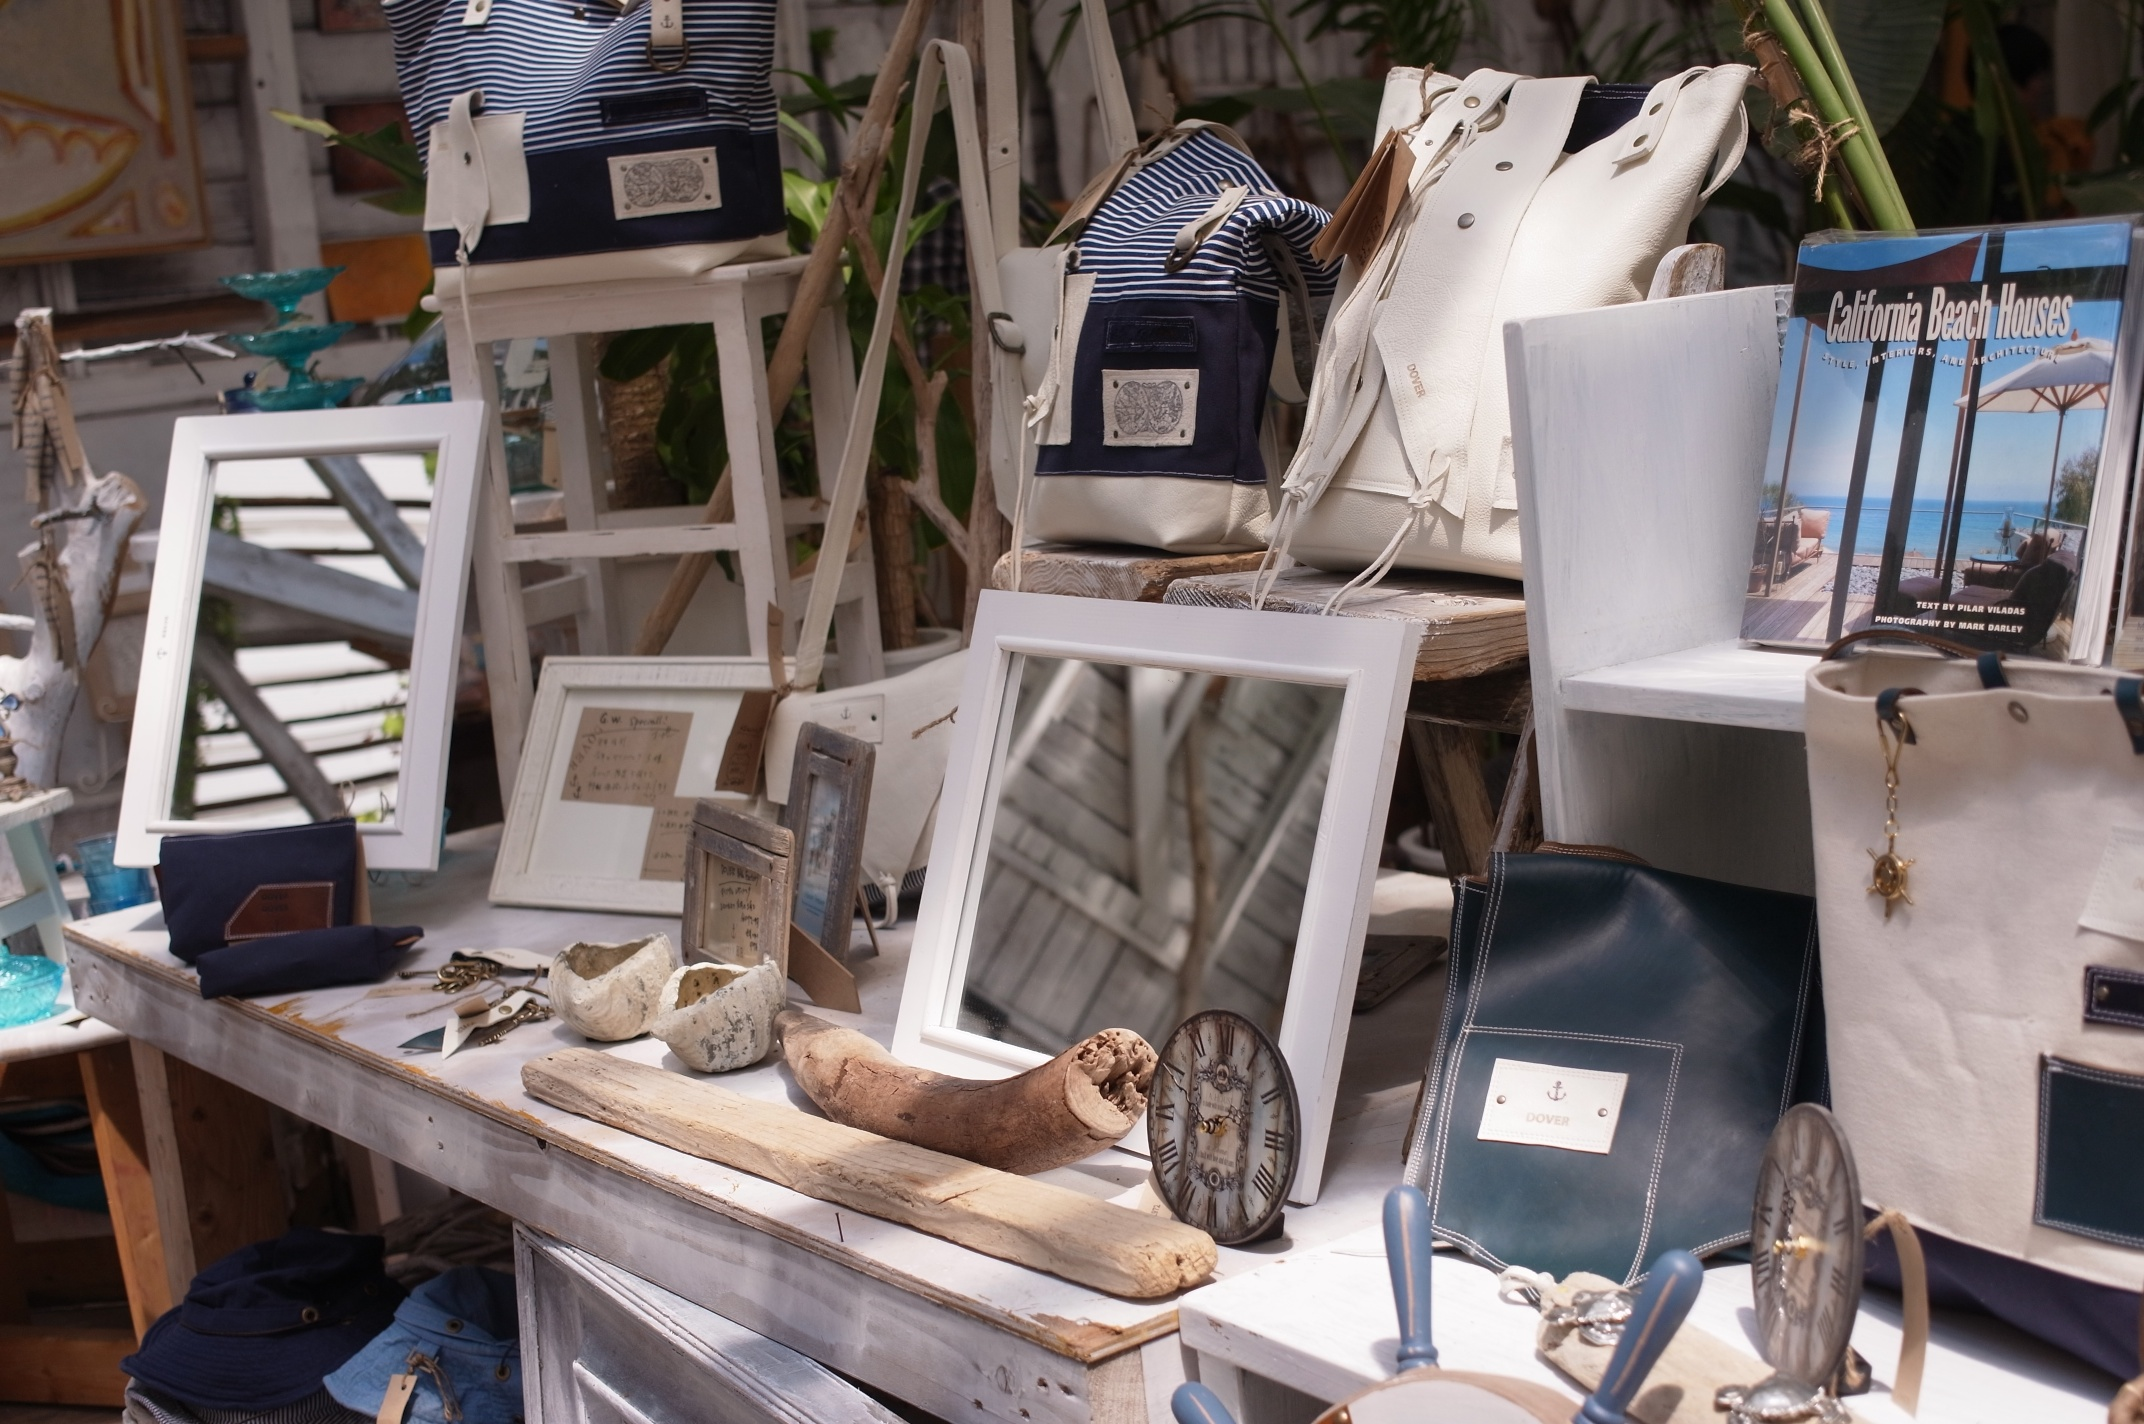 【糸島】ワンコがお出迎えしてくれる、倉庫を劇的リフォームしたアートな雑貨屋さん「DOVER」